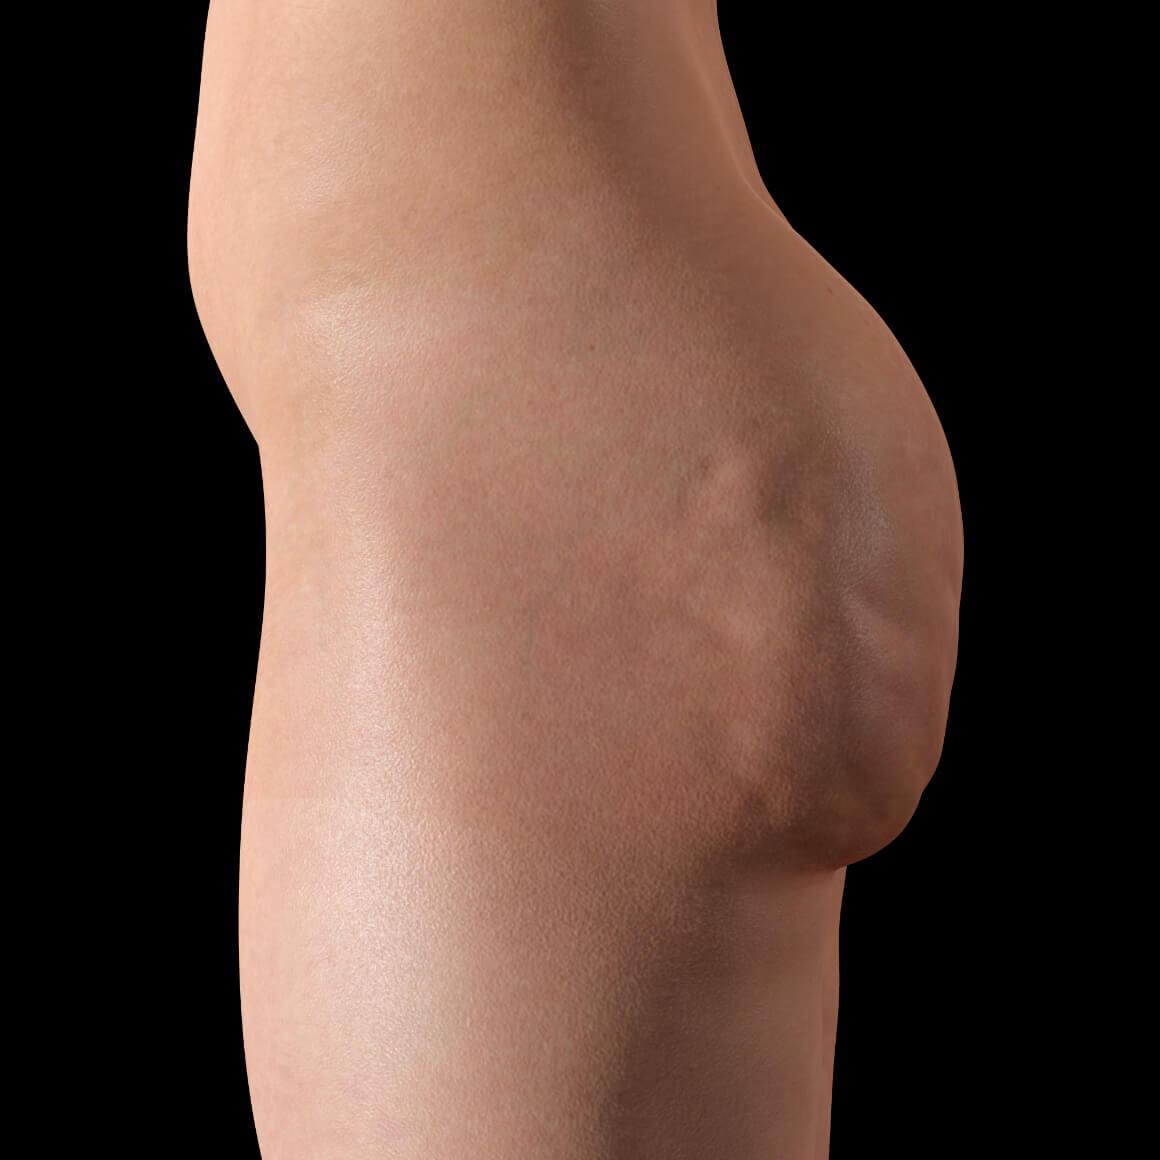 Une patiente de la Clinique Chloé positionnée de côté avec de la cellulite sur les fesses